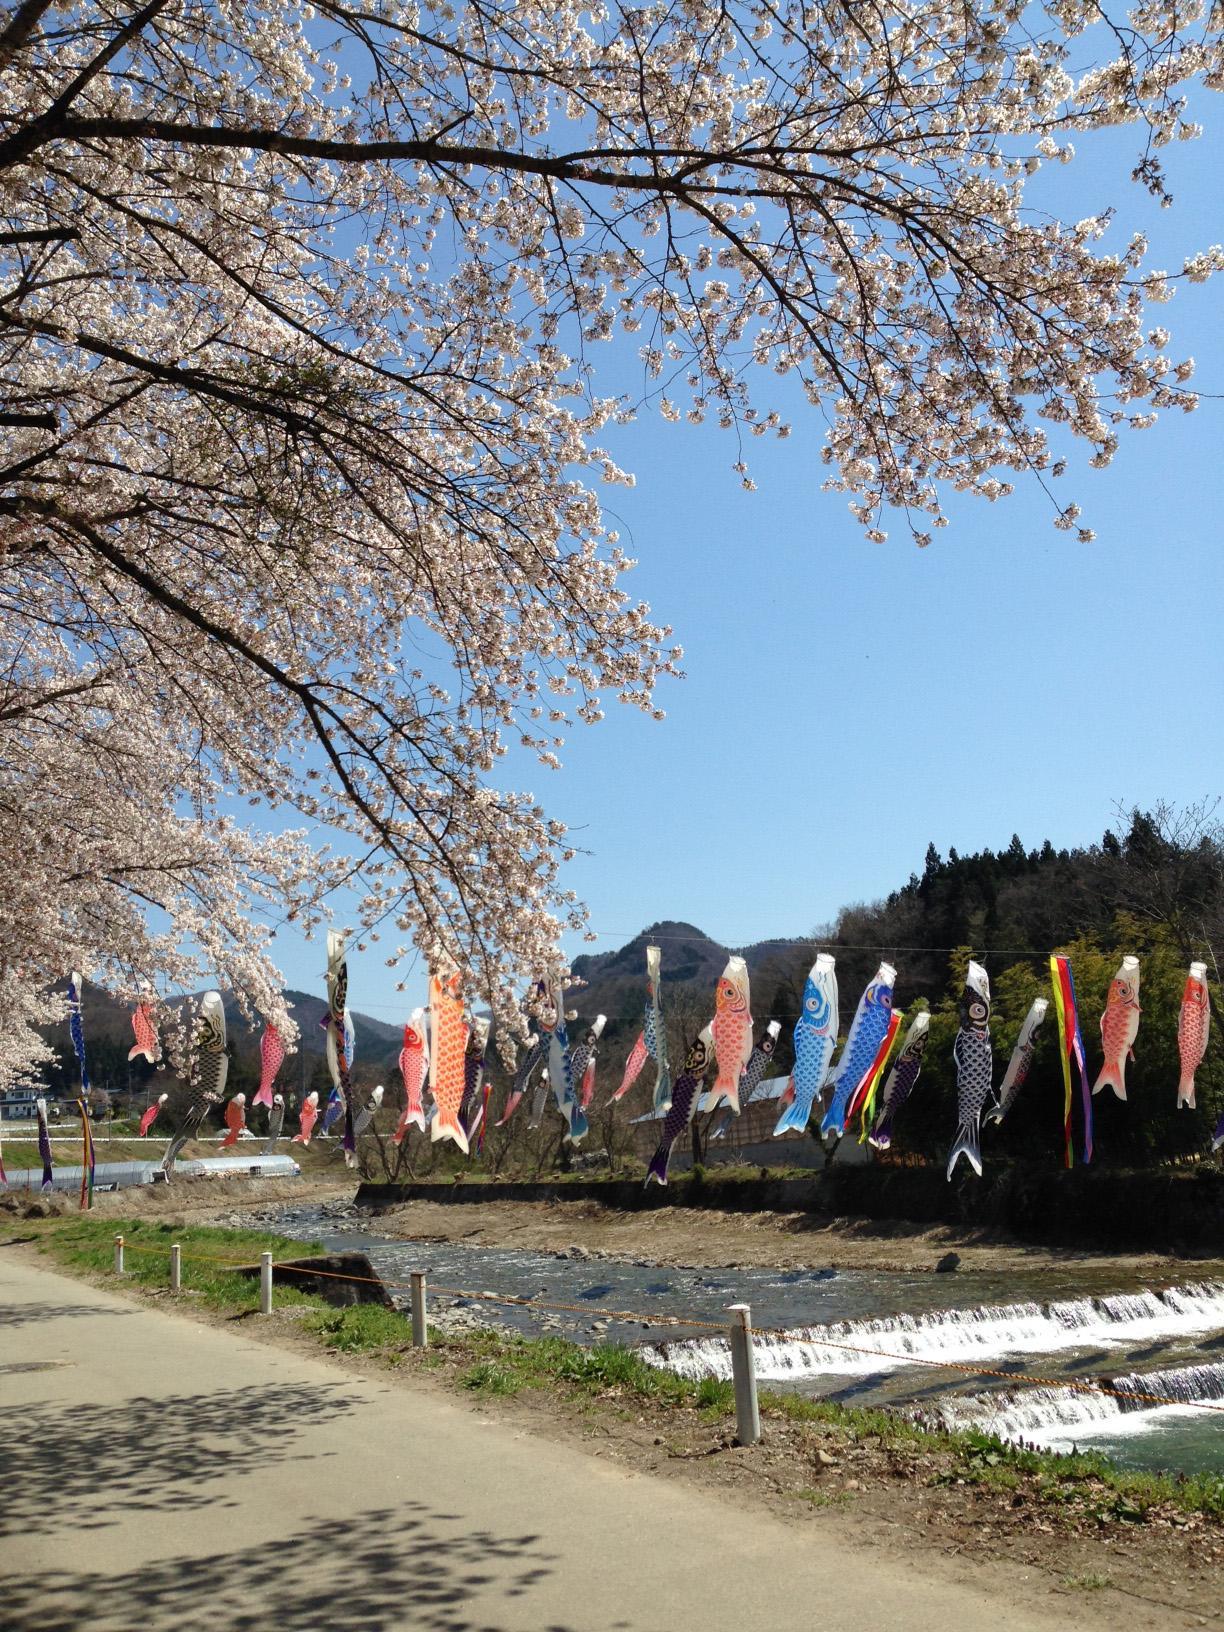 【春・GWのおすすめスポット】高瀬川にかかる鯉のぼり